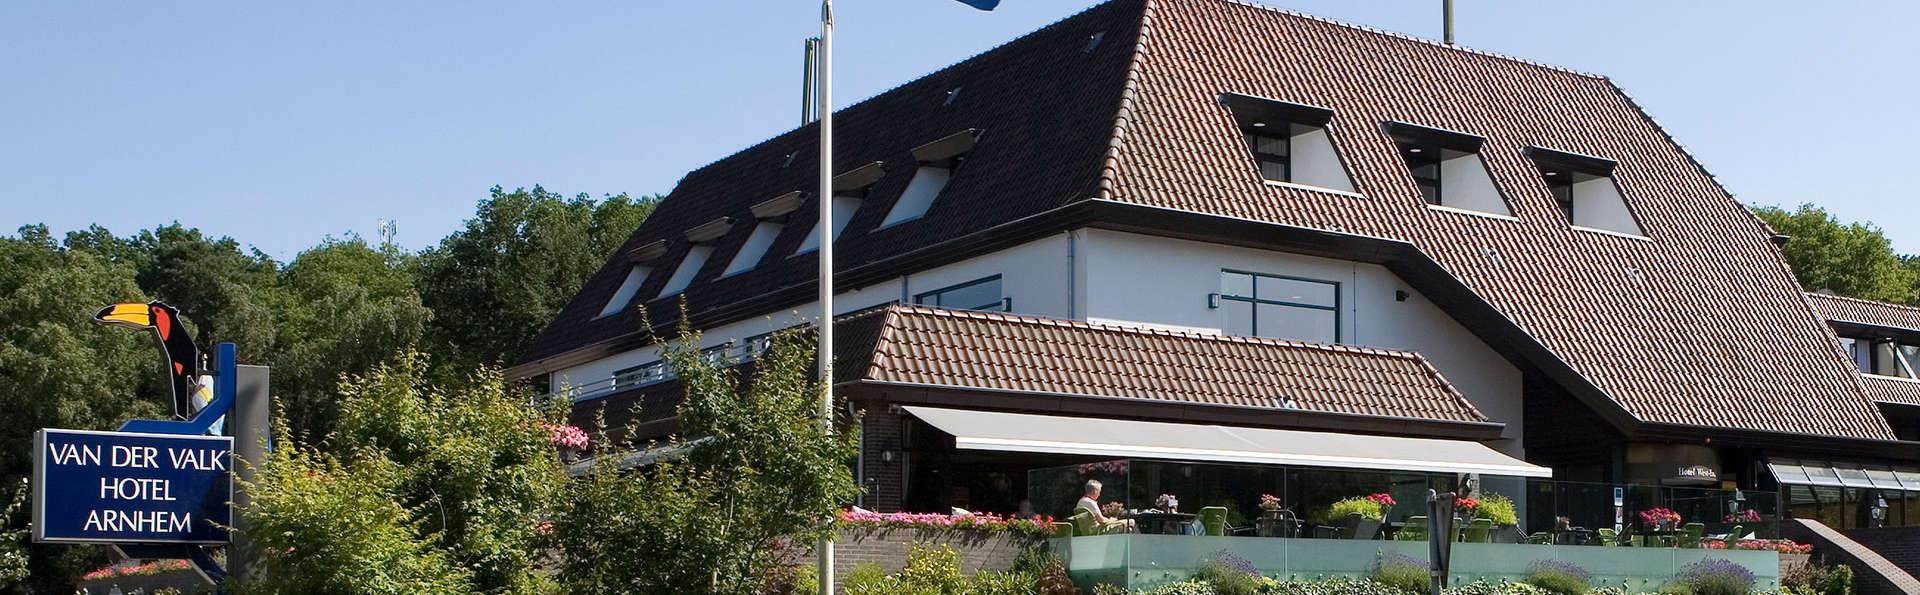 Van der Valk Hotel Arnhem - edit_front2.jpg